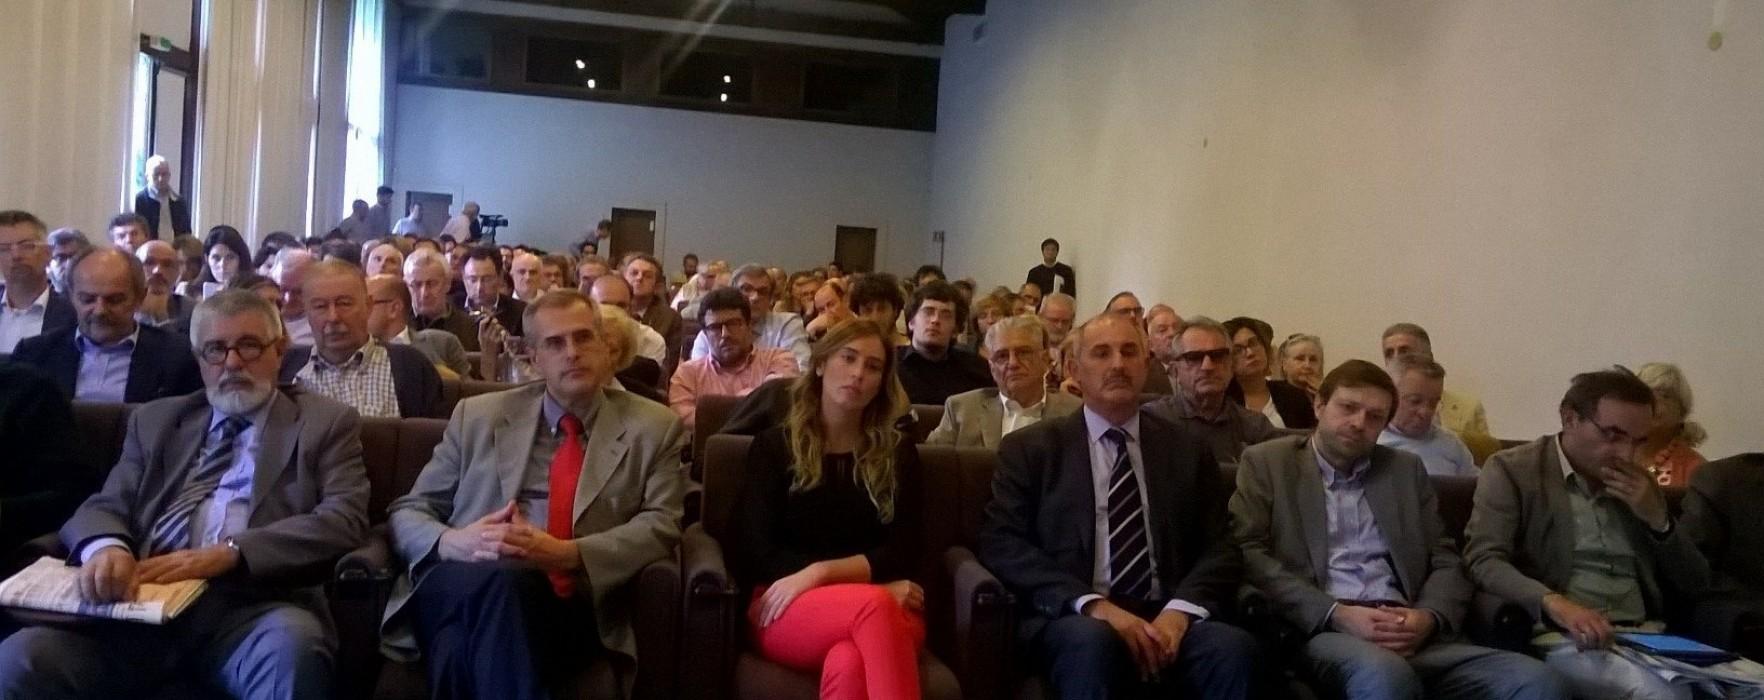 PRAGLIA 26 SETTEMBRE – Partito Democartico: Speranza e cambiamento